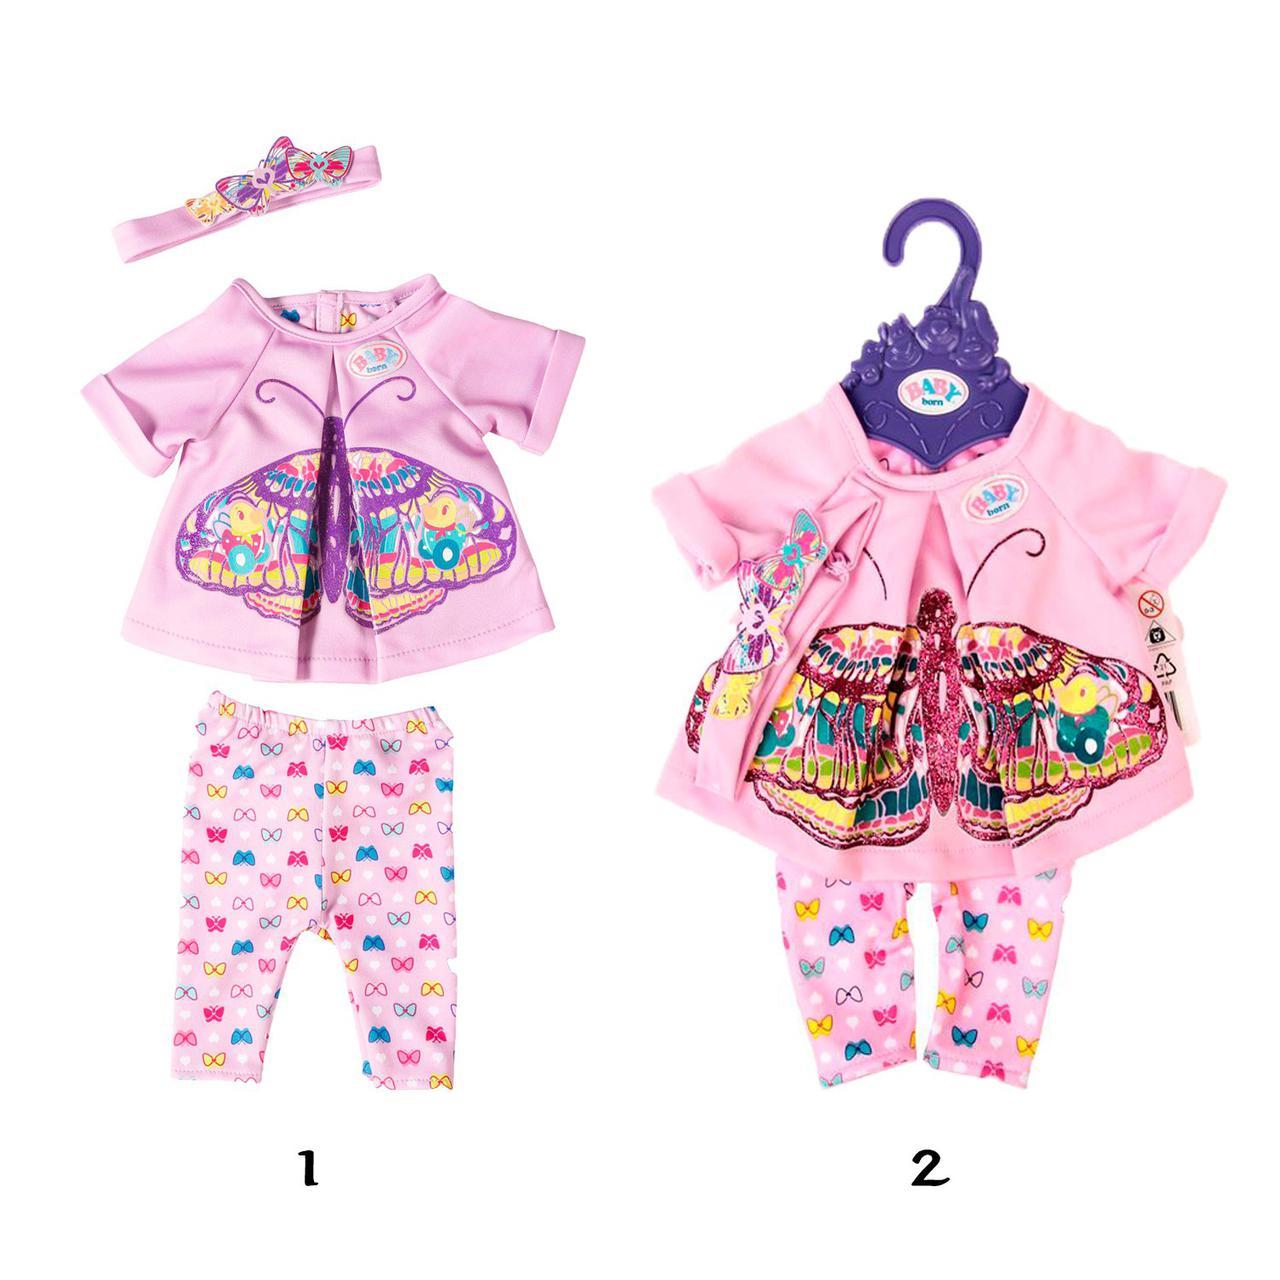 Baby Born Одежда для кукол Беби Бон - Удобная одежда для дома, в ассортименте